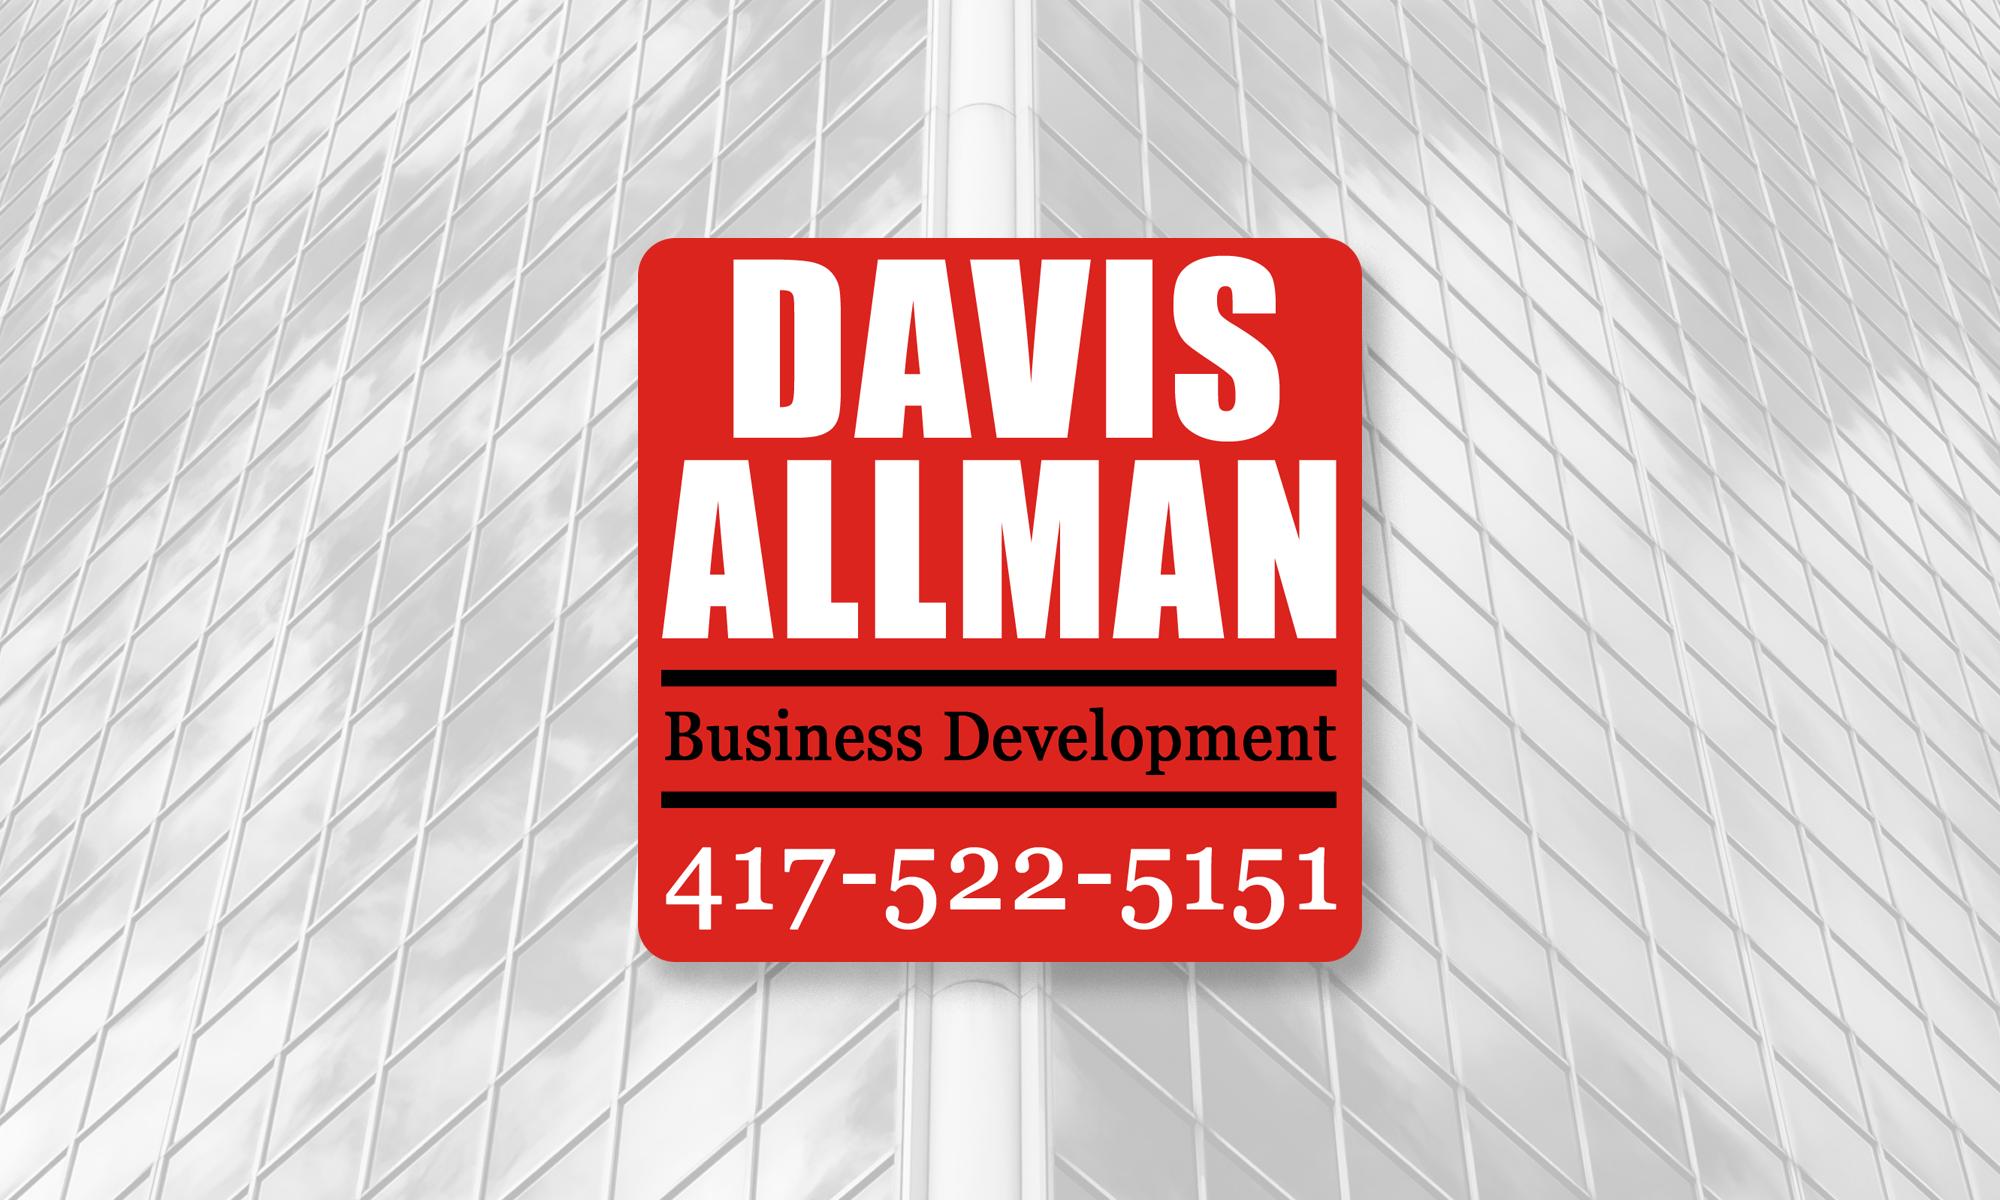 Davis-Allman LLC